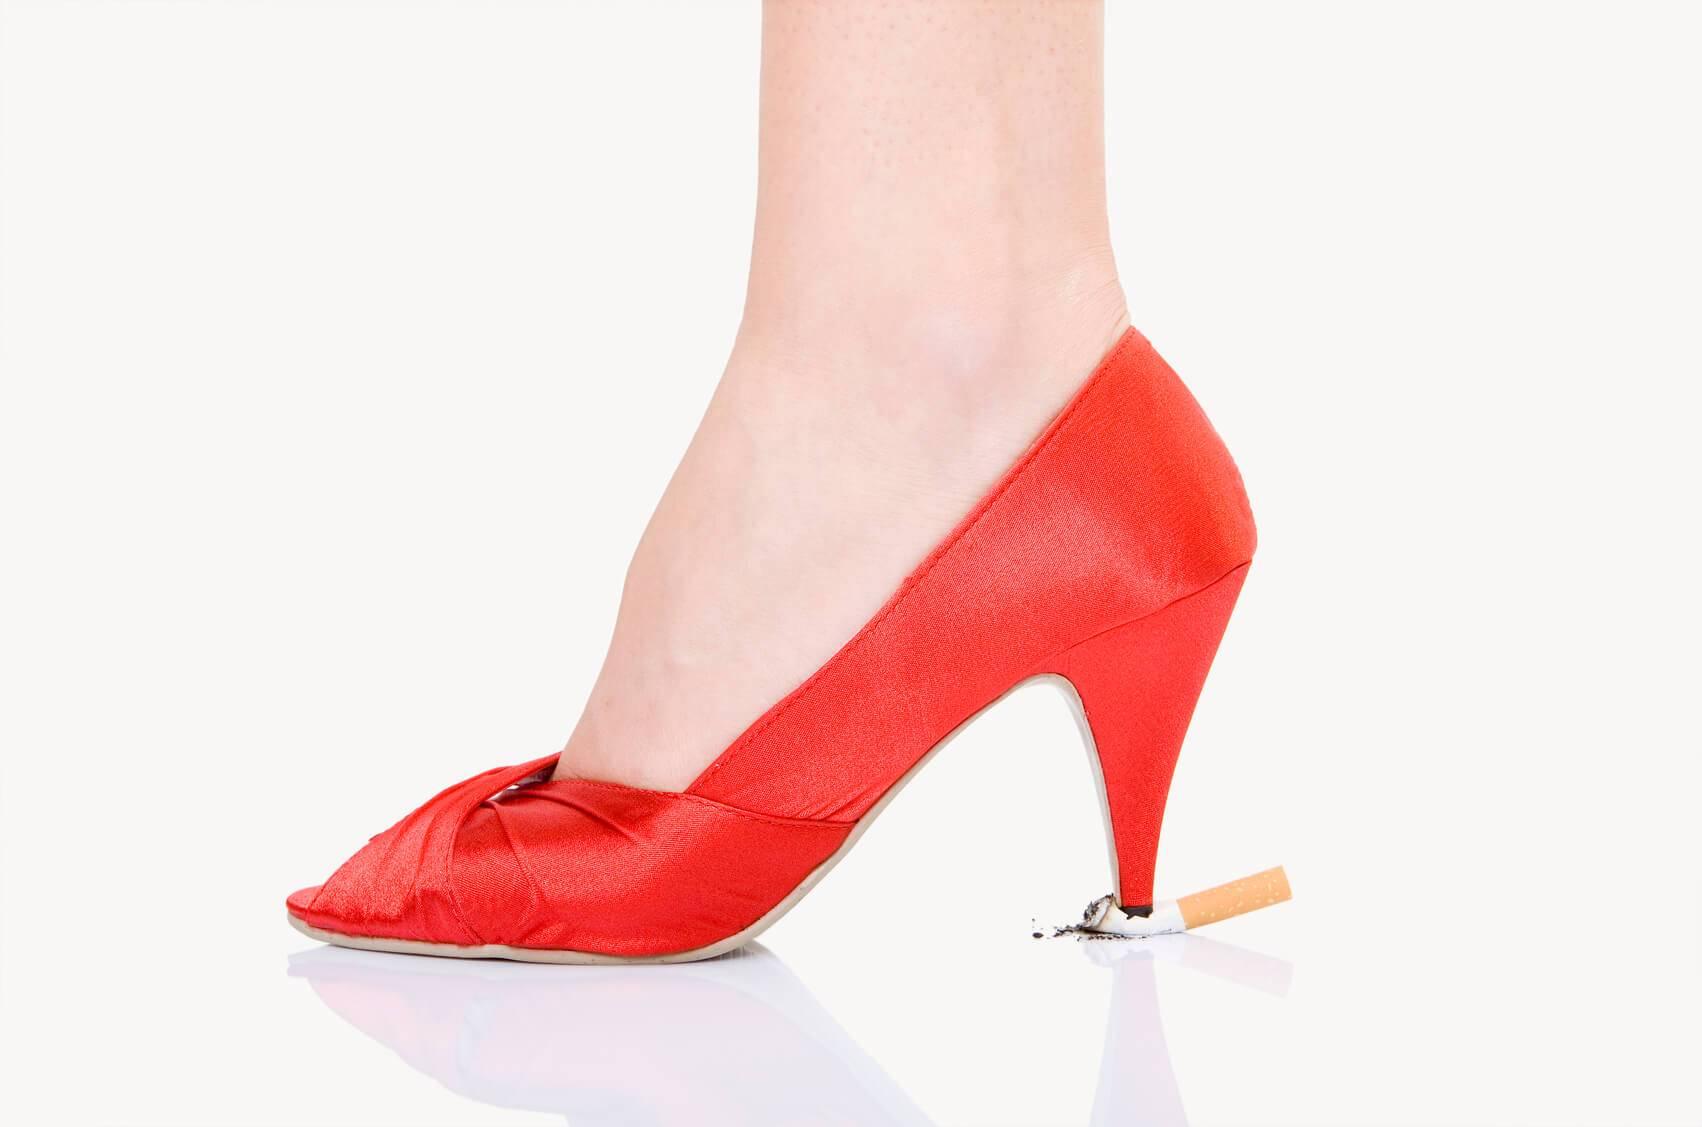 Arr ter de fumer d 39 un seul coup est ce une bonne id e - Arreter de fumer progressivement ou d un seul coup ...